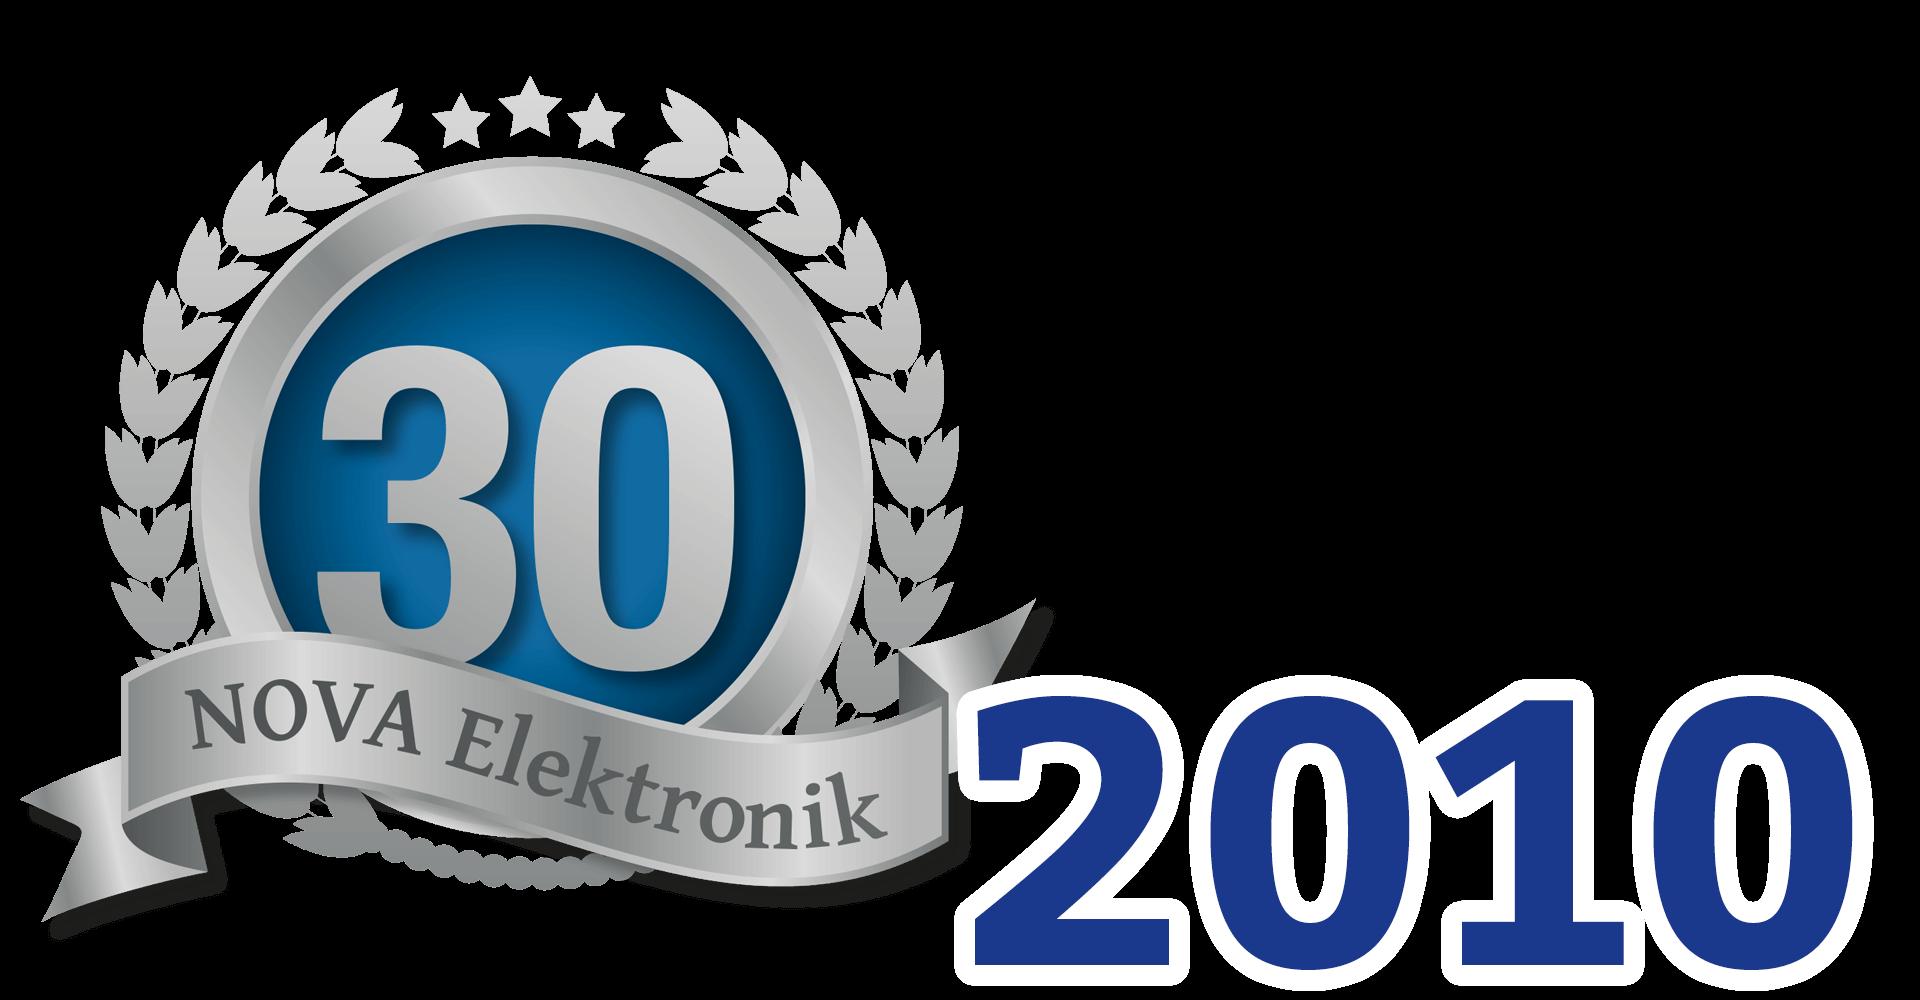 NOVA Elektronik 2010